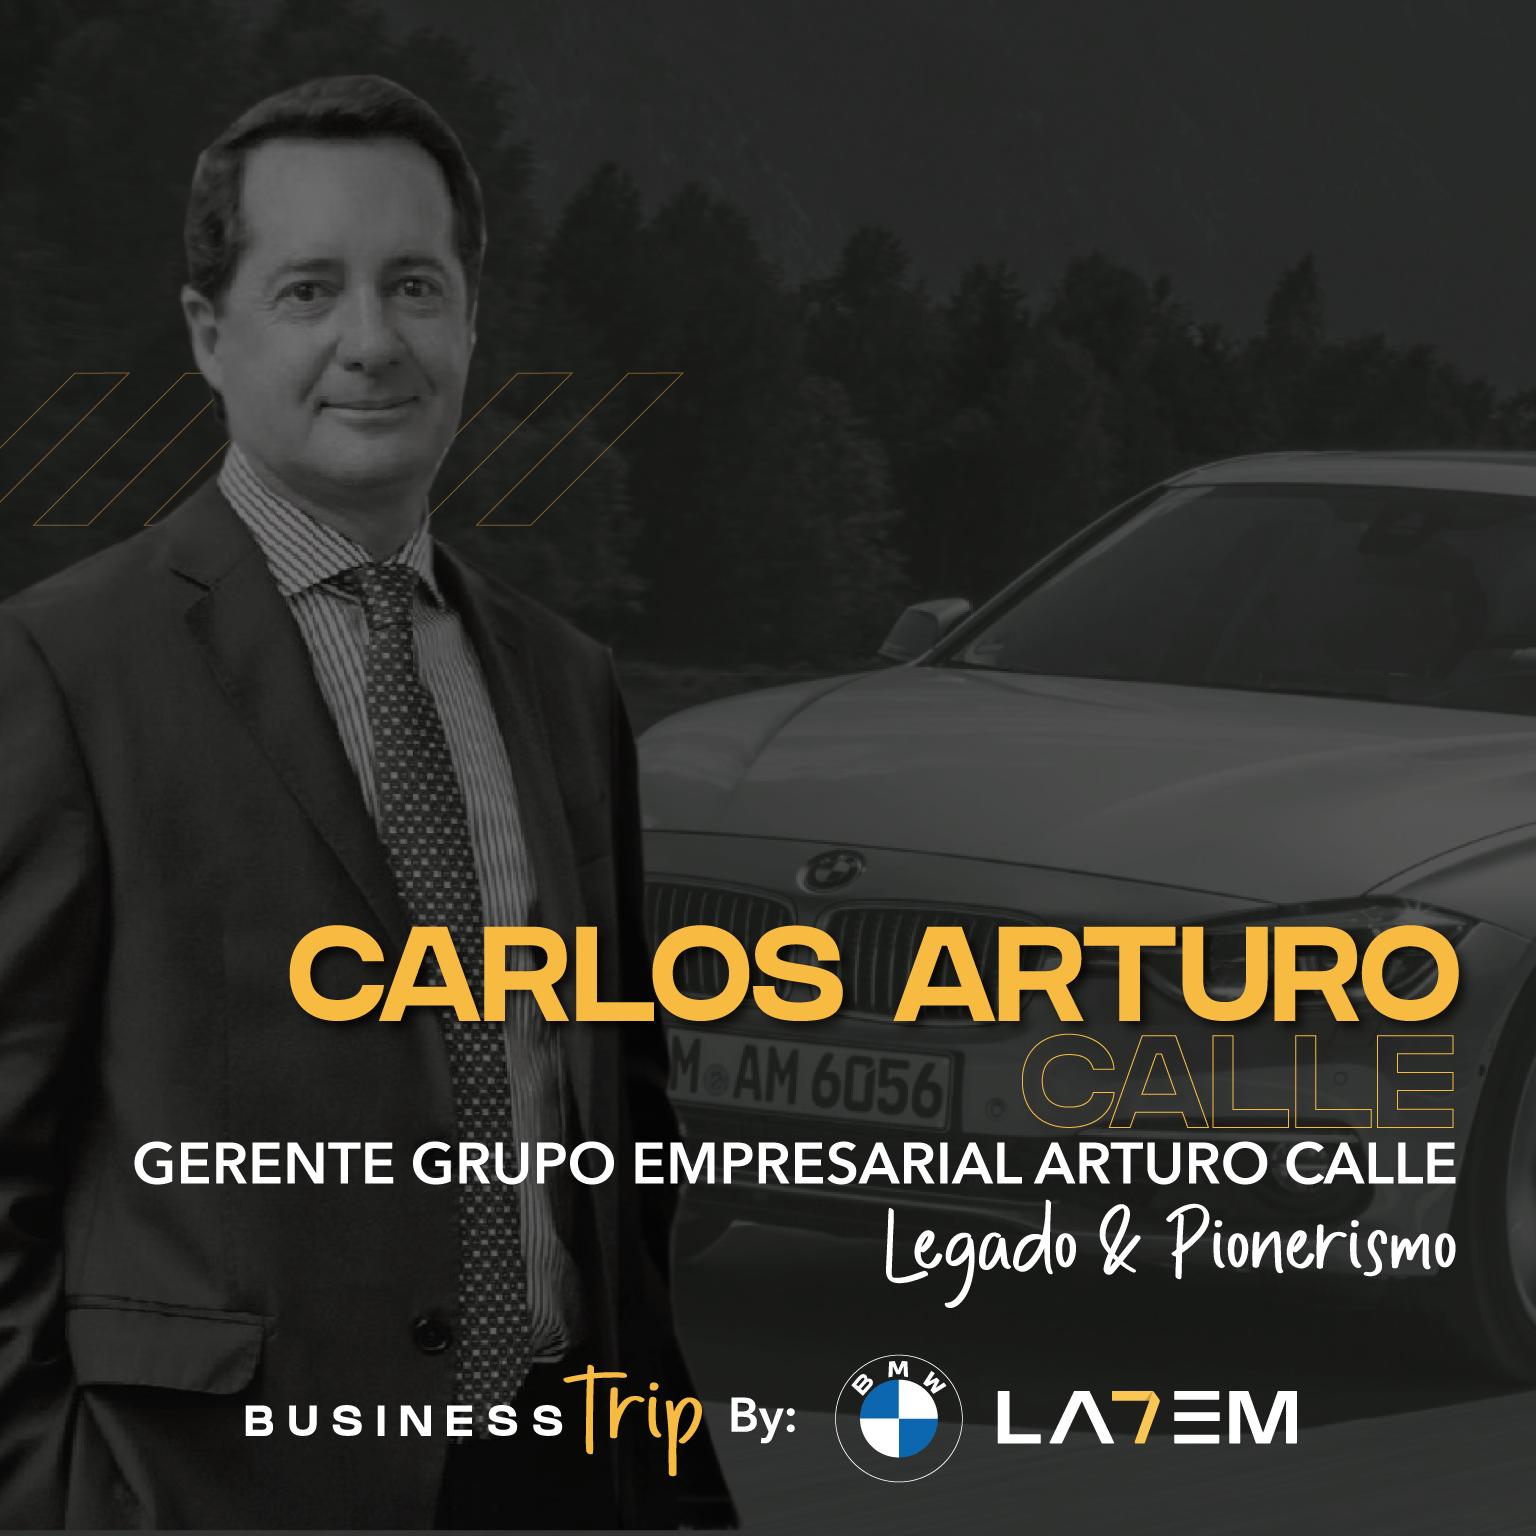 Carlos Arturo Calle, Gerente General del Grupo Empresarial Arturo Calle